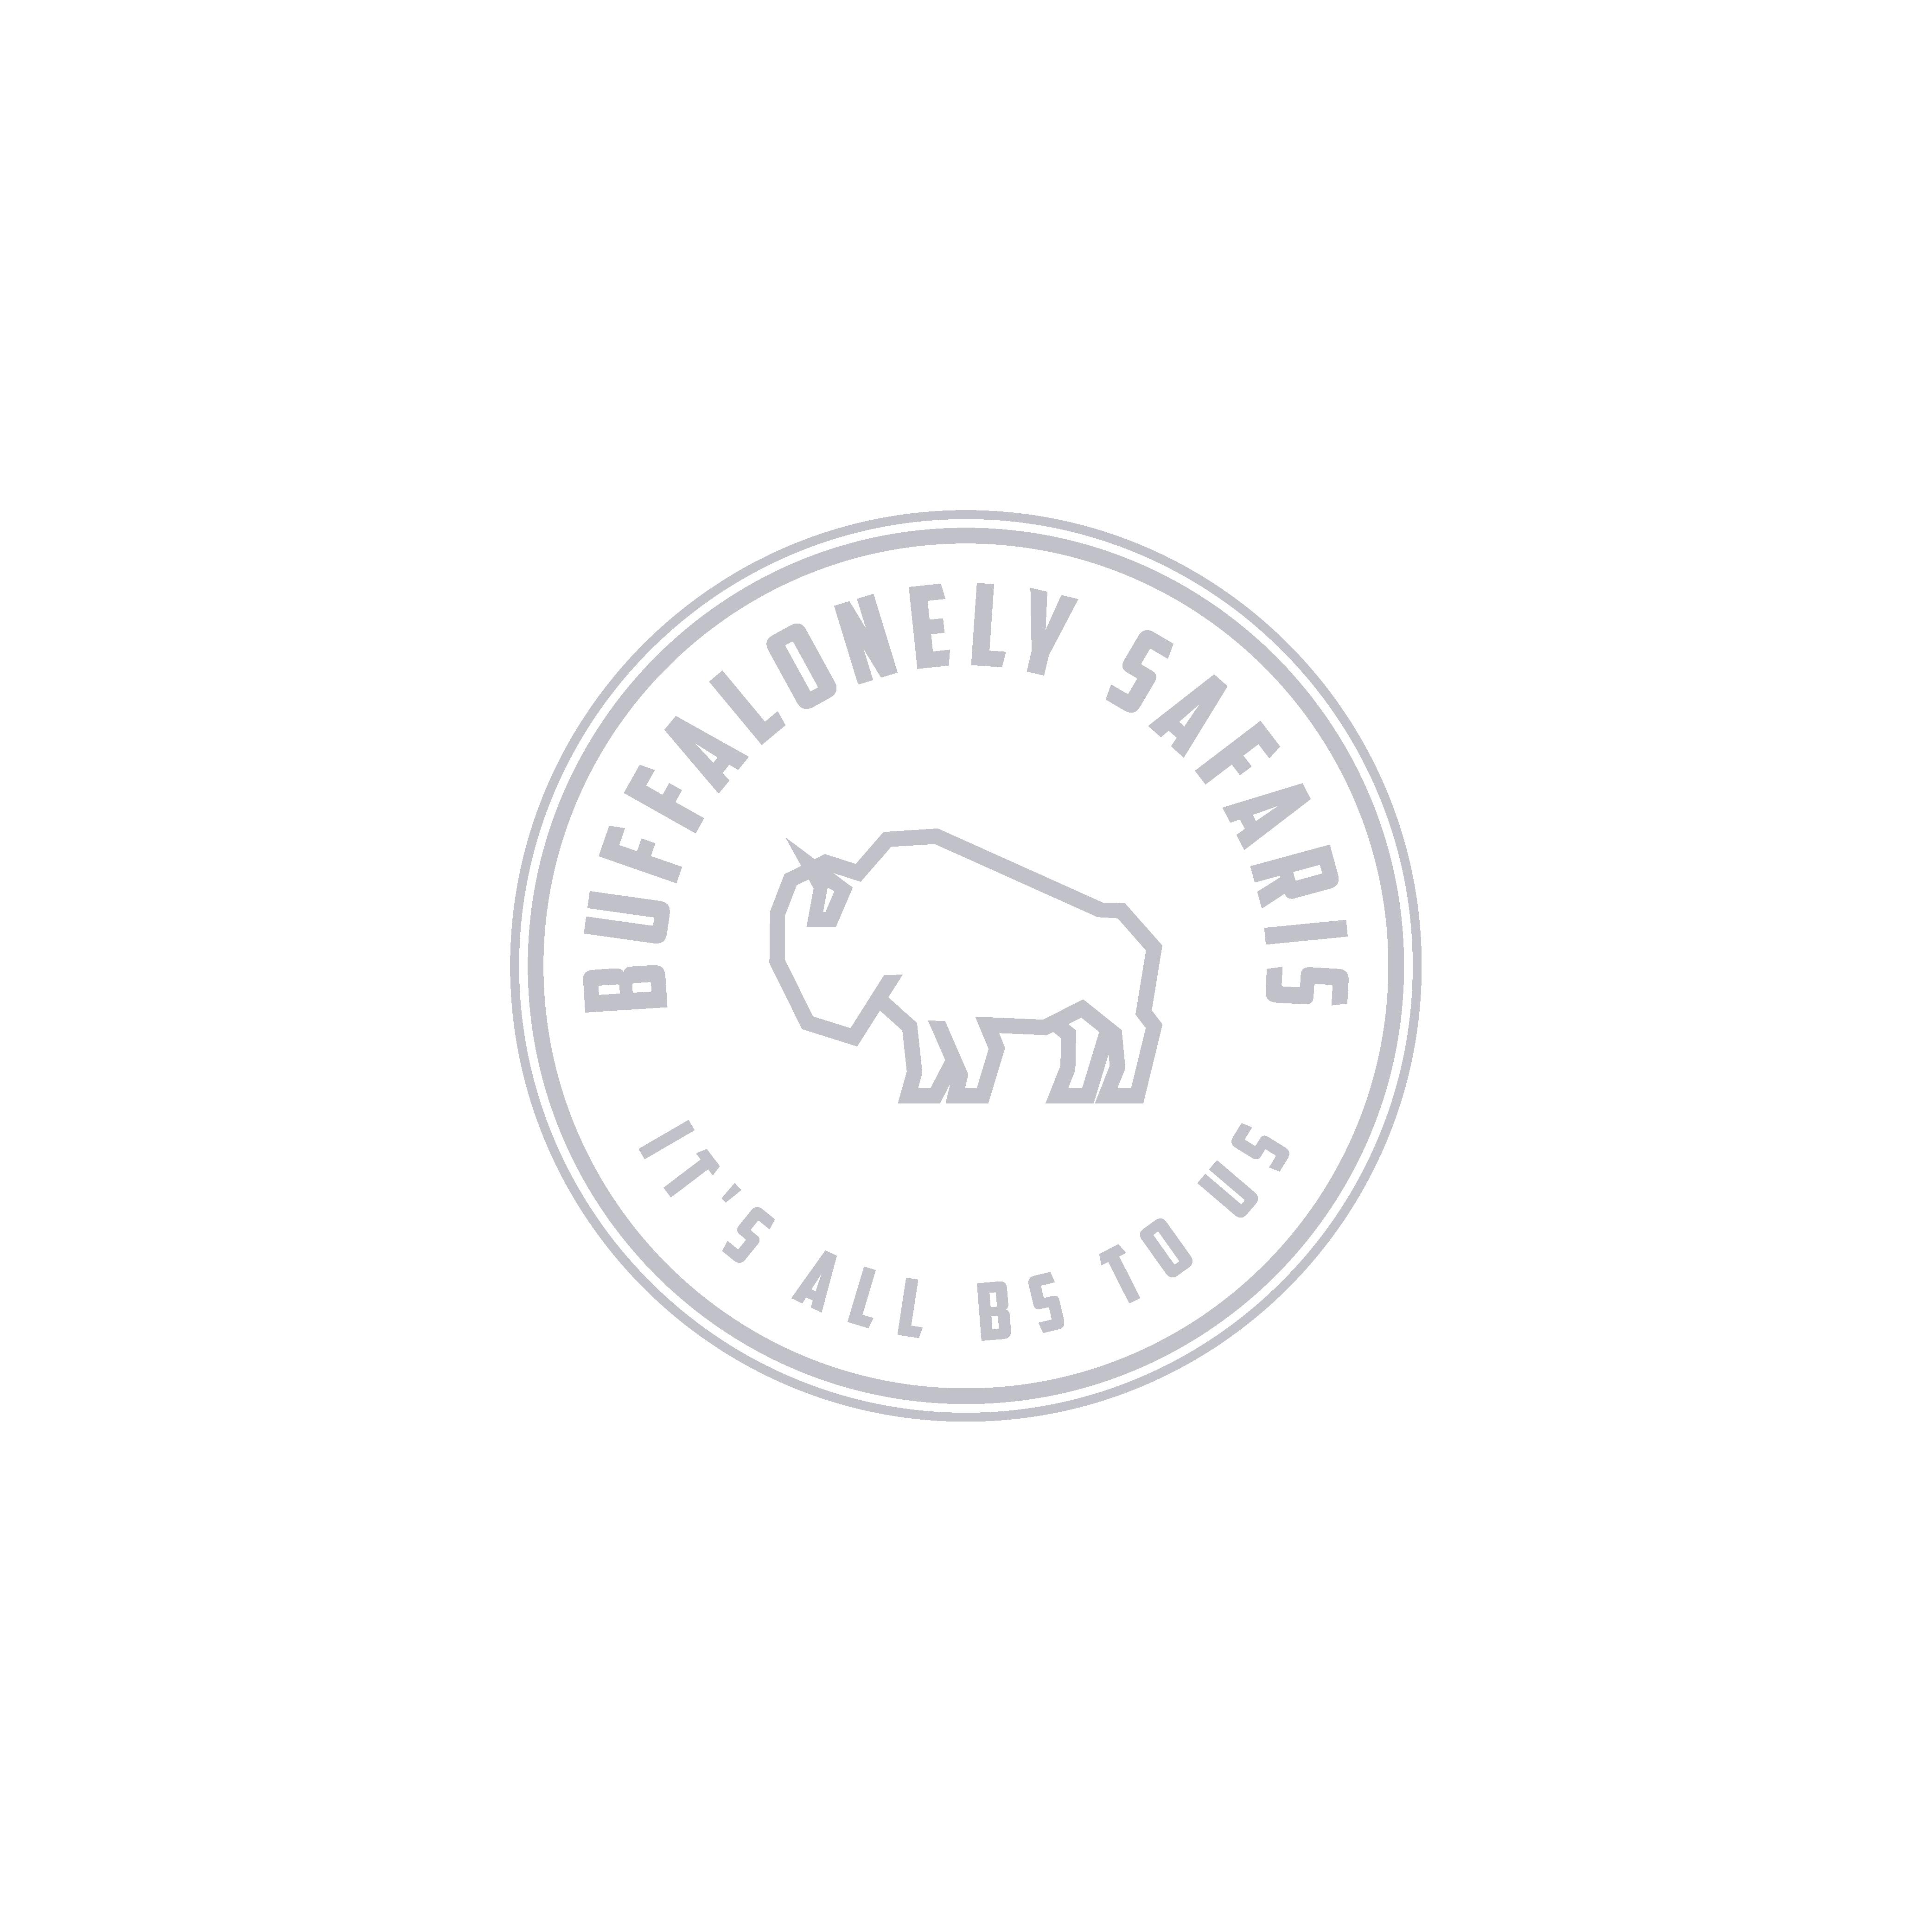 Design a fun buffalo logo for my family